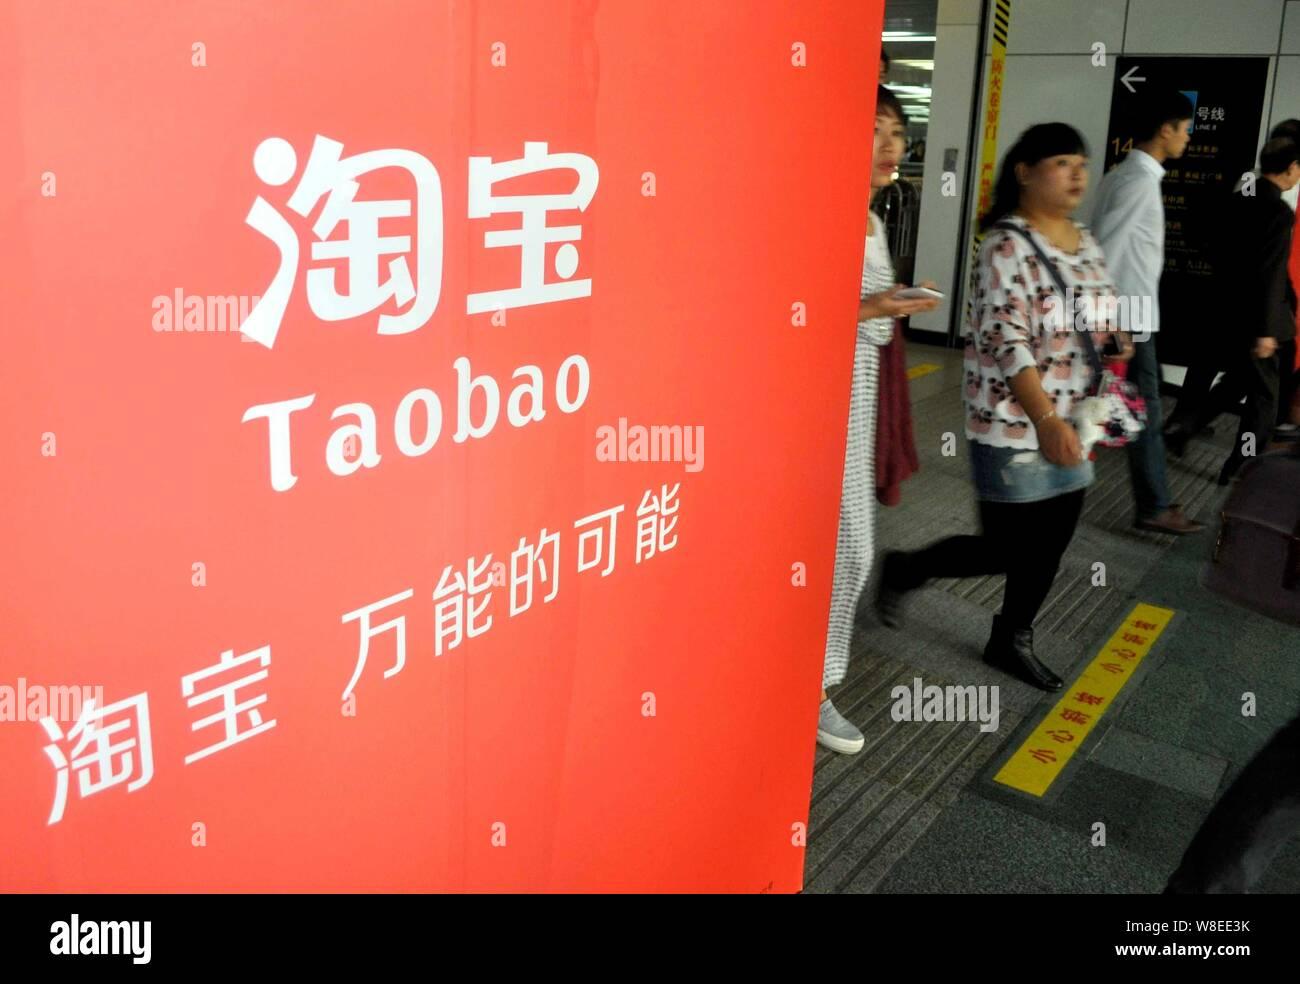 Alibaba Online Shopping Stock Photos & Alibaba Online